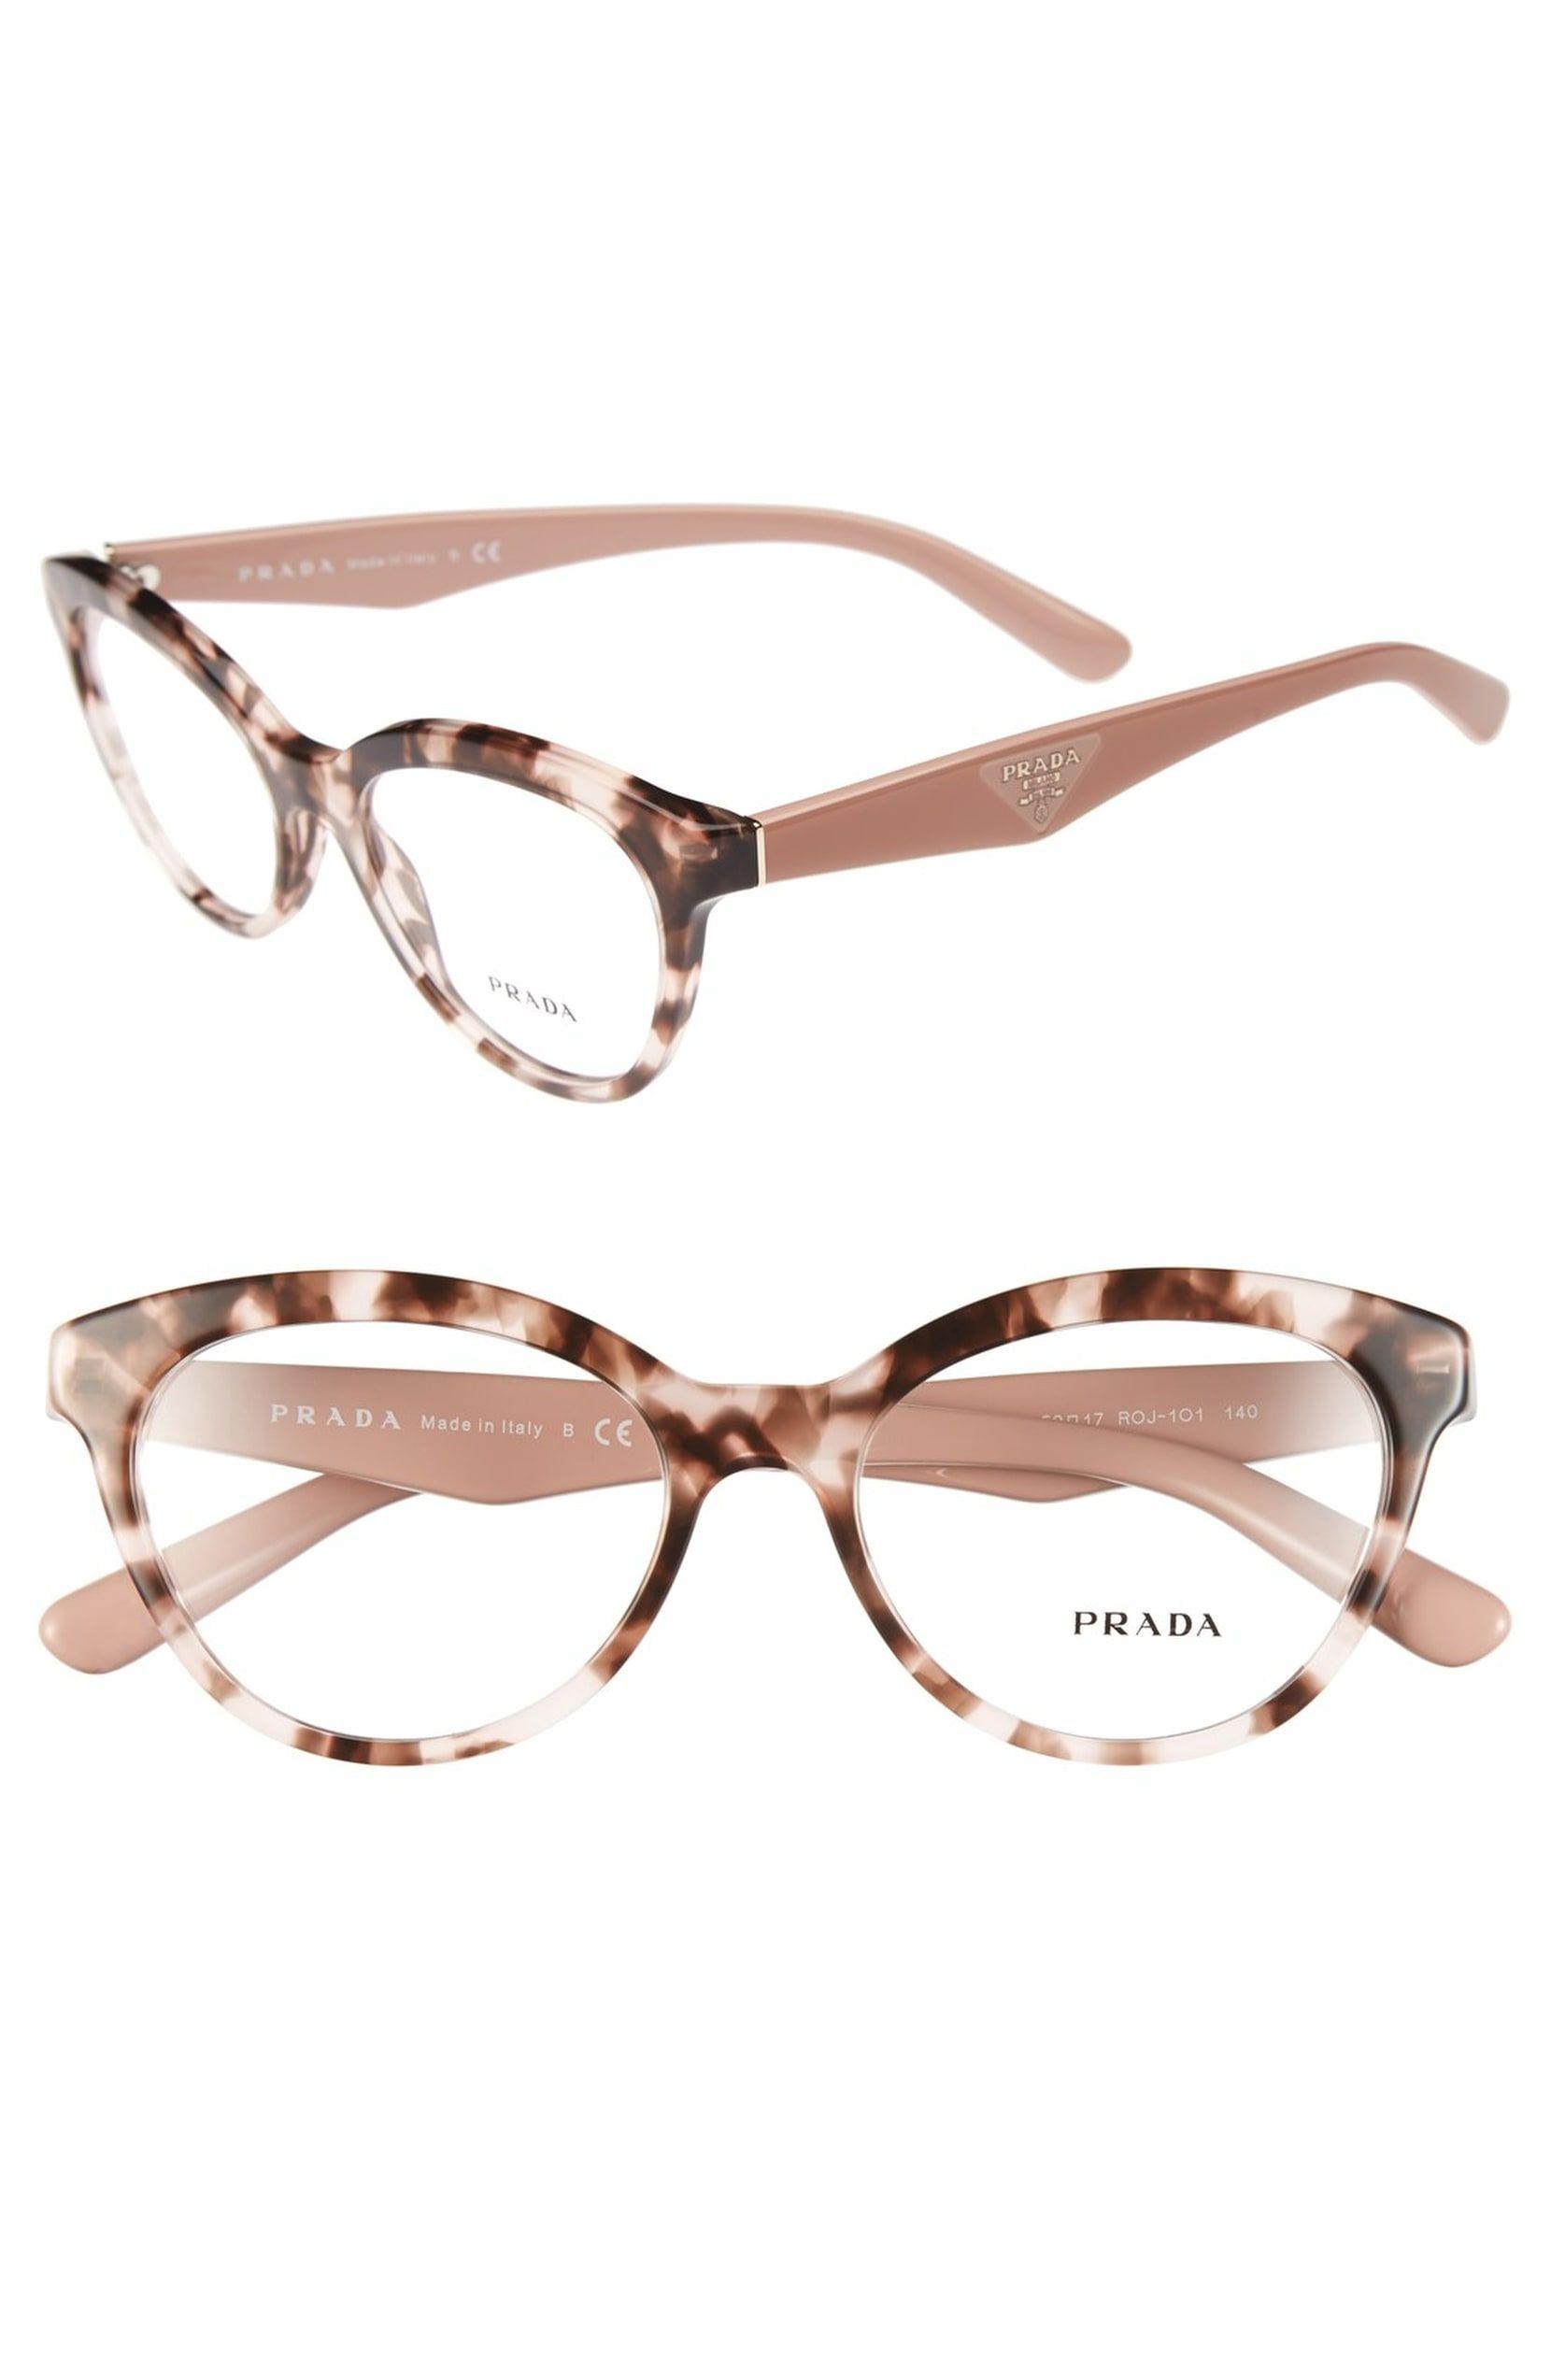 4581a683c95 52mm Optical Glasses